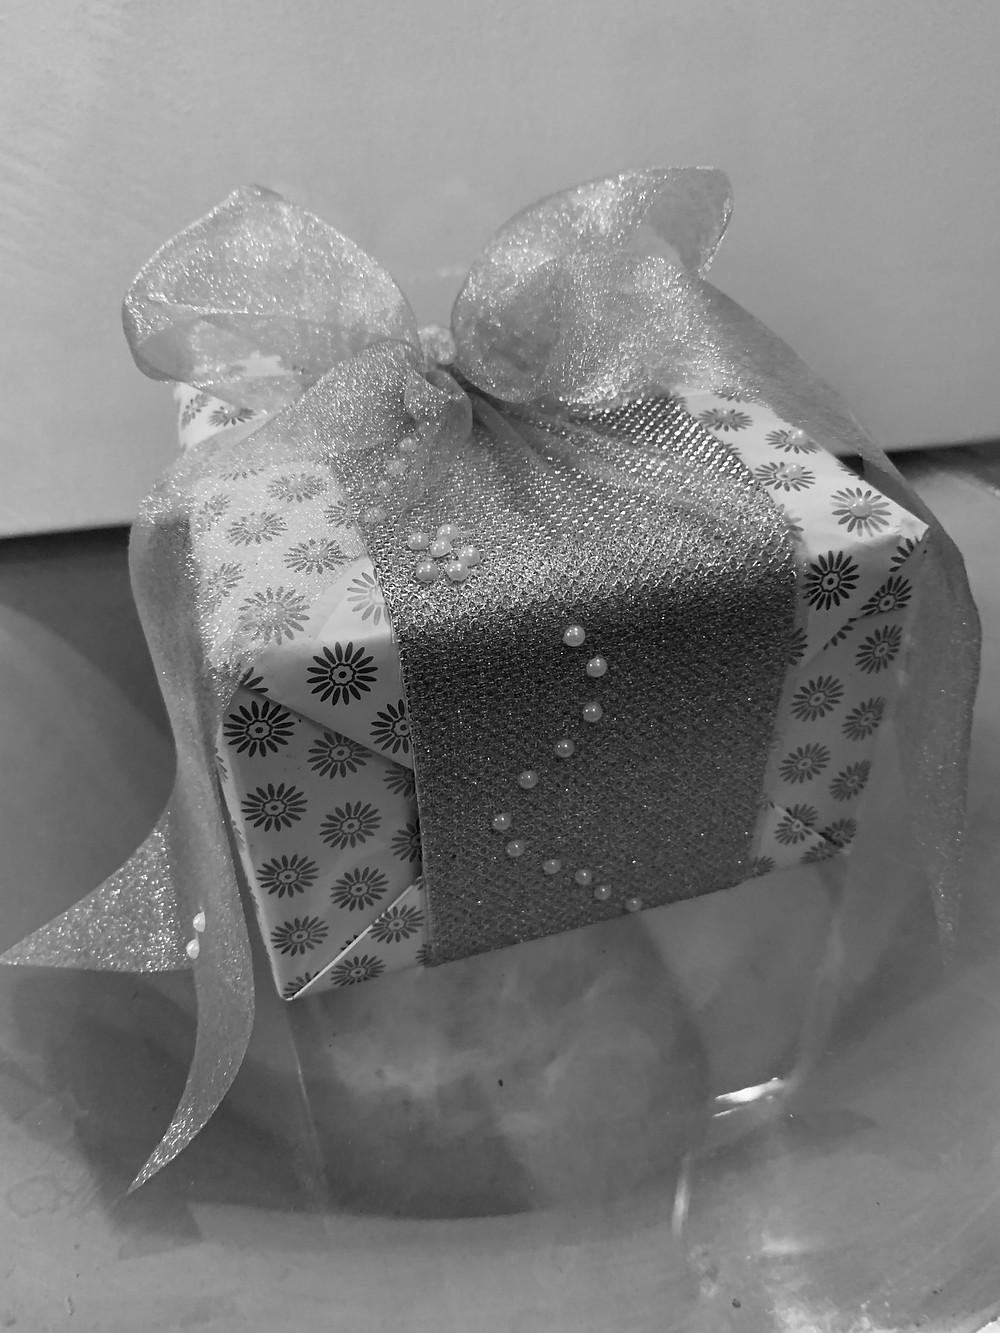 A gift wrapped Titan Nebula watch